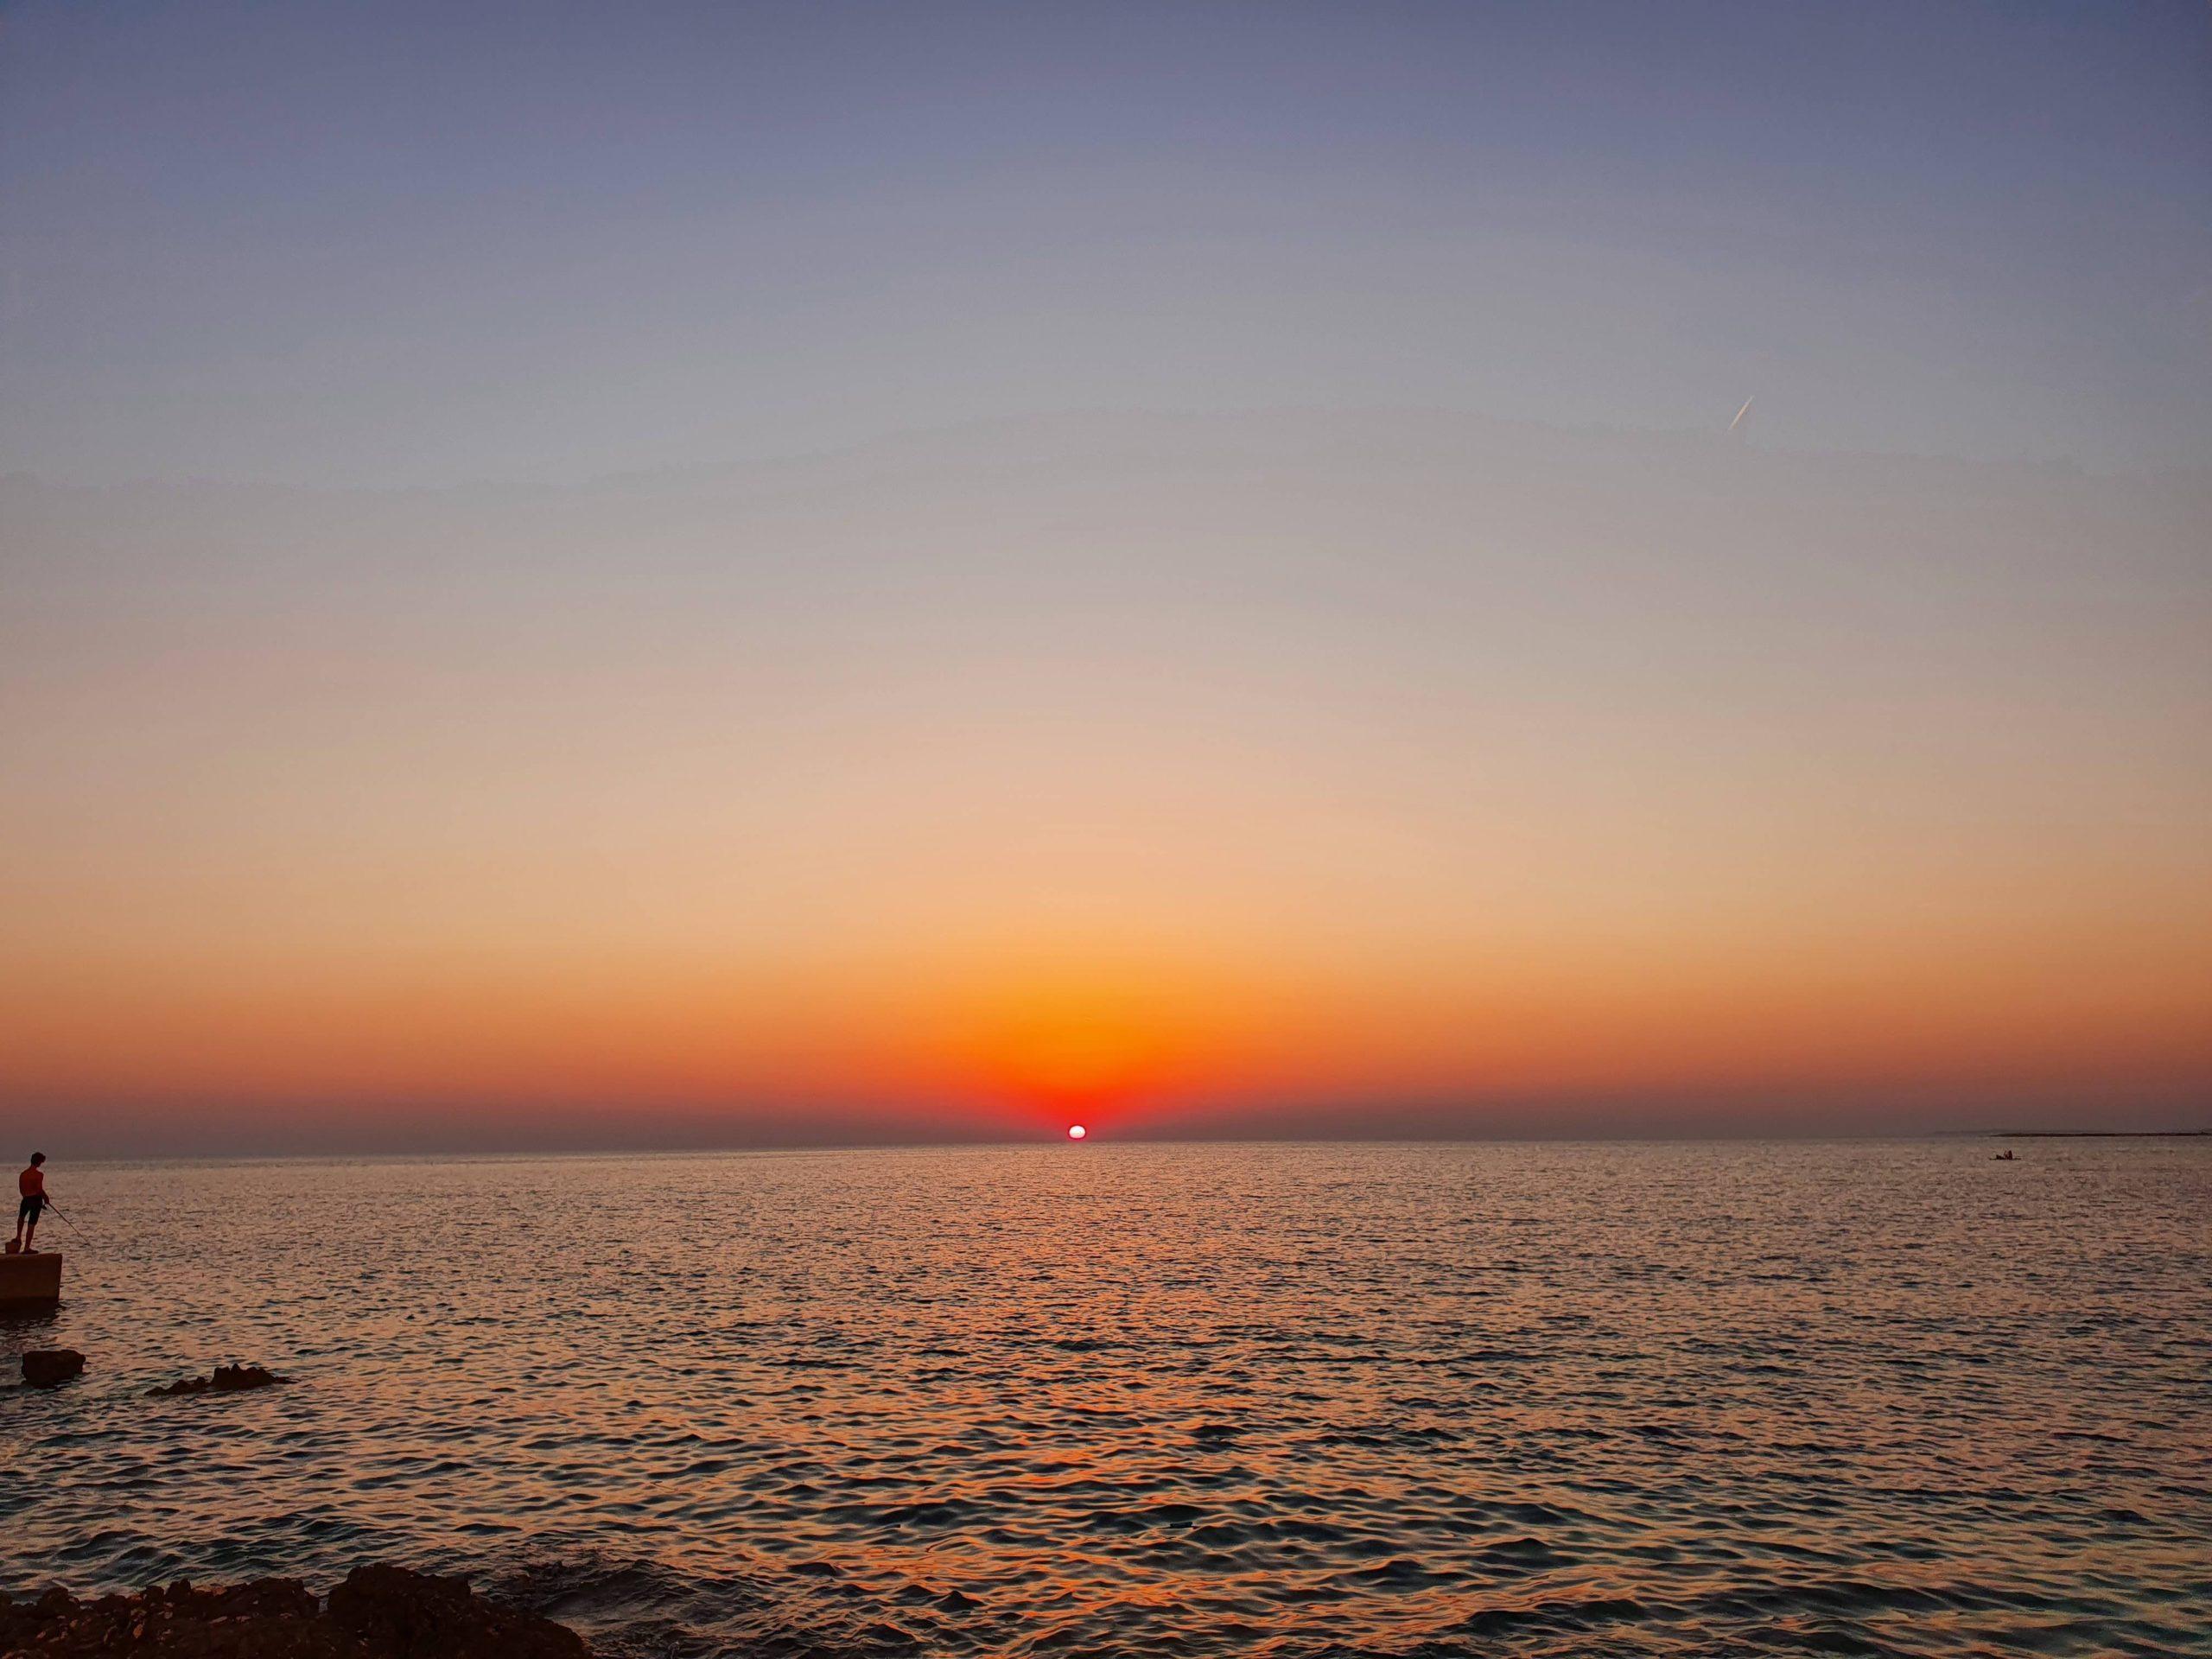 Minimalist sunset taken yesterday